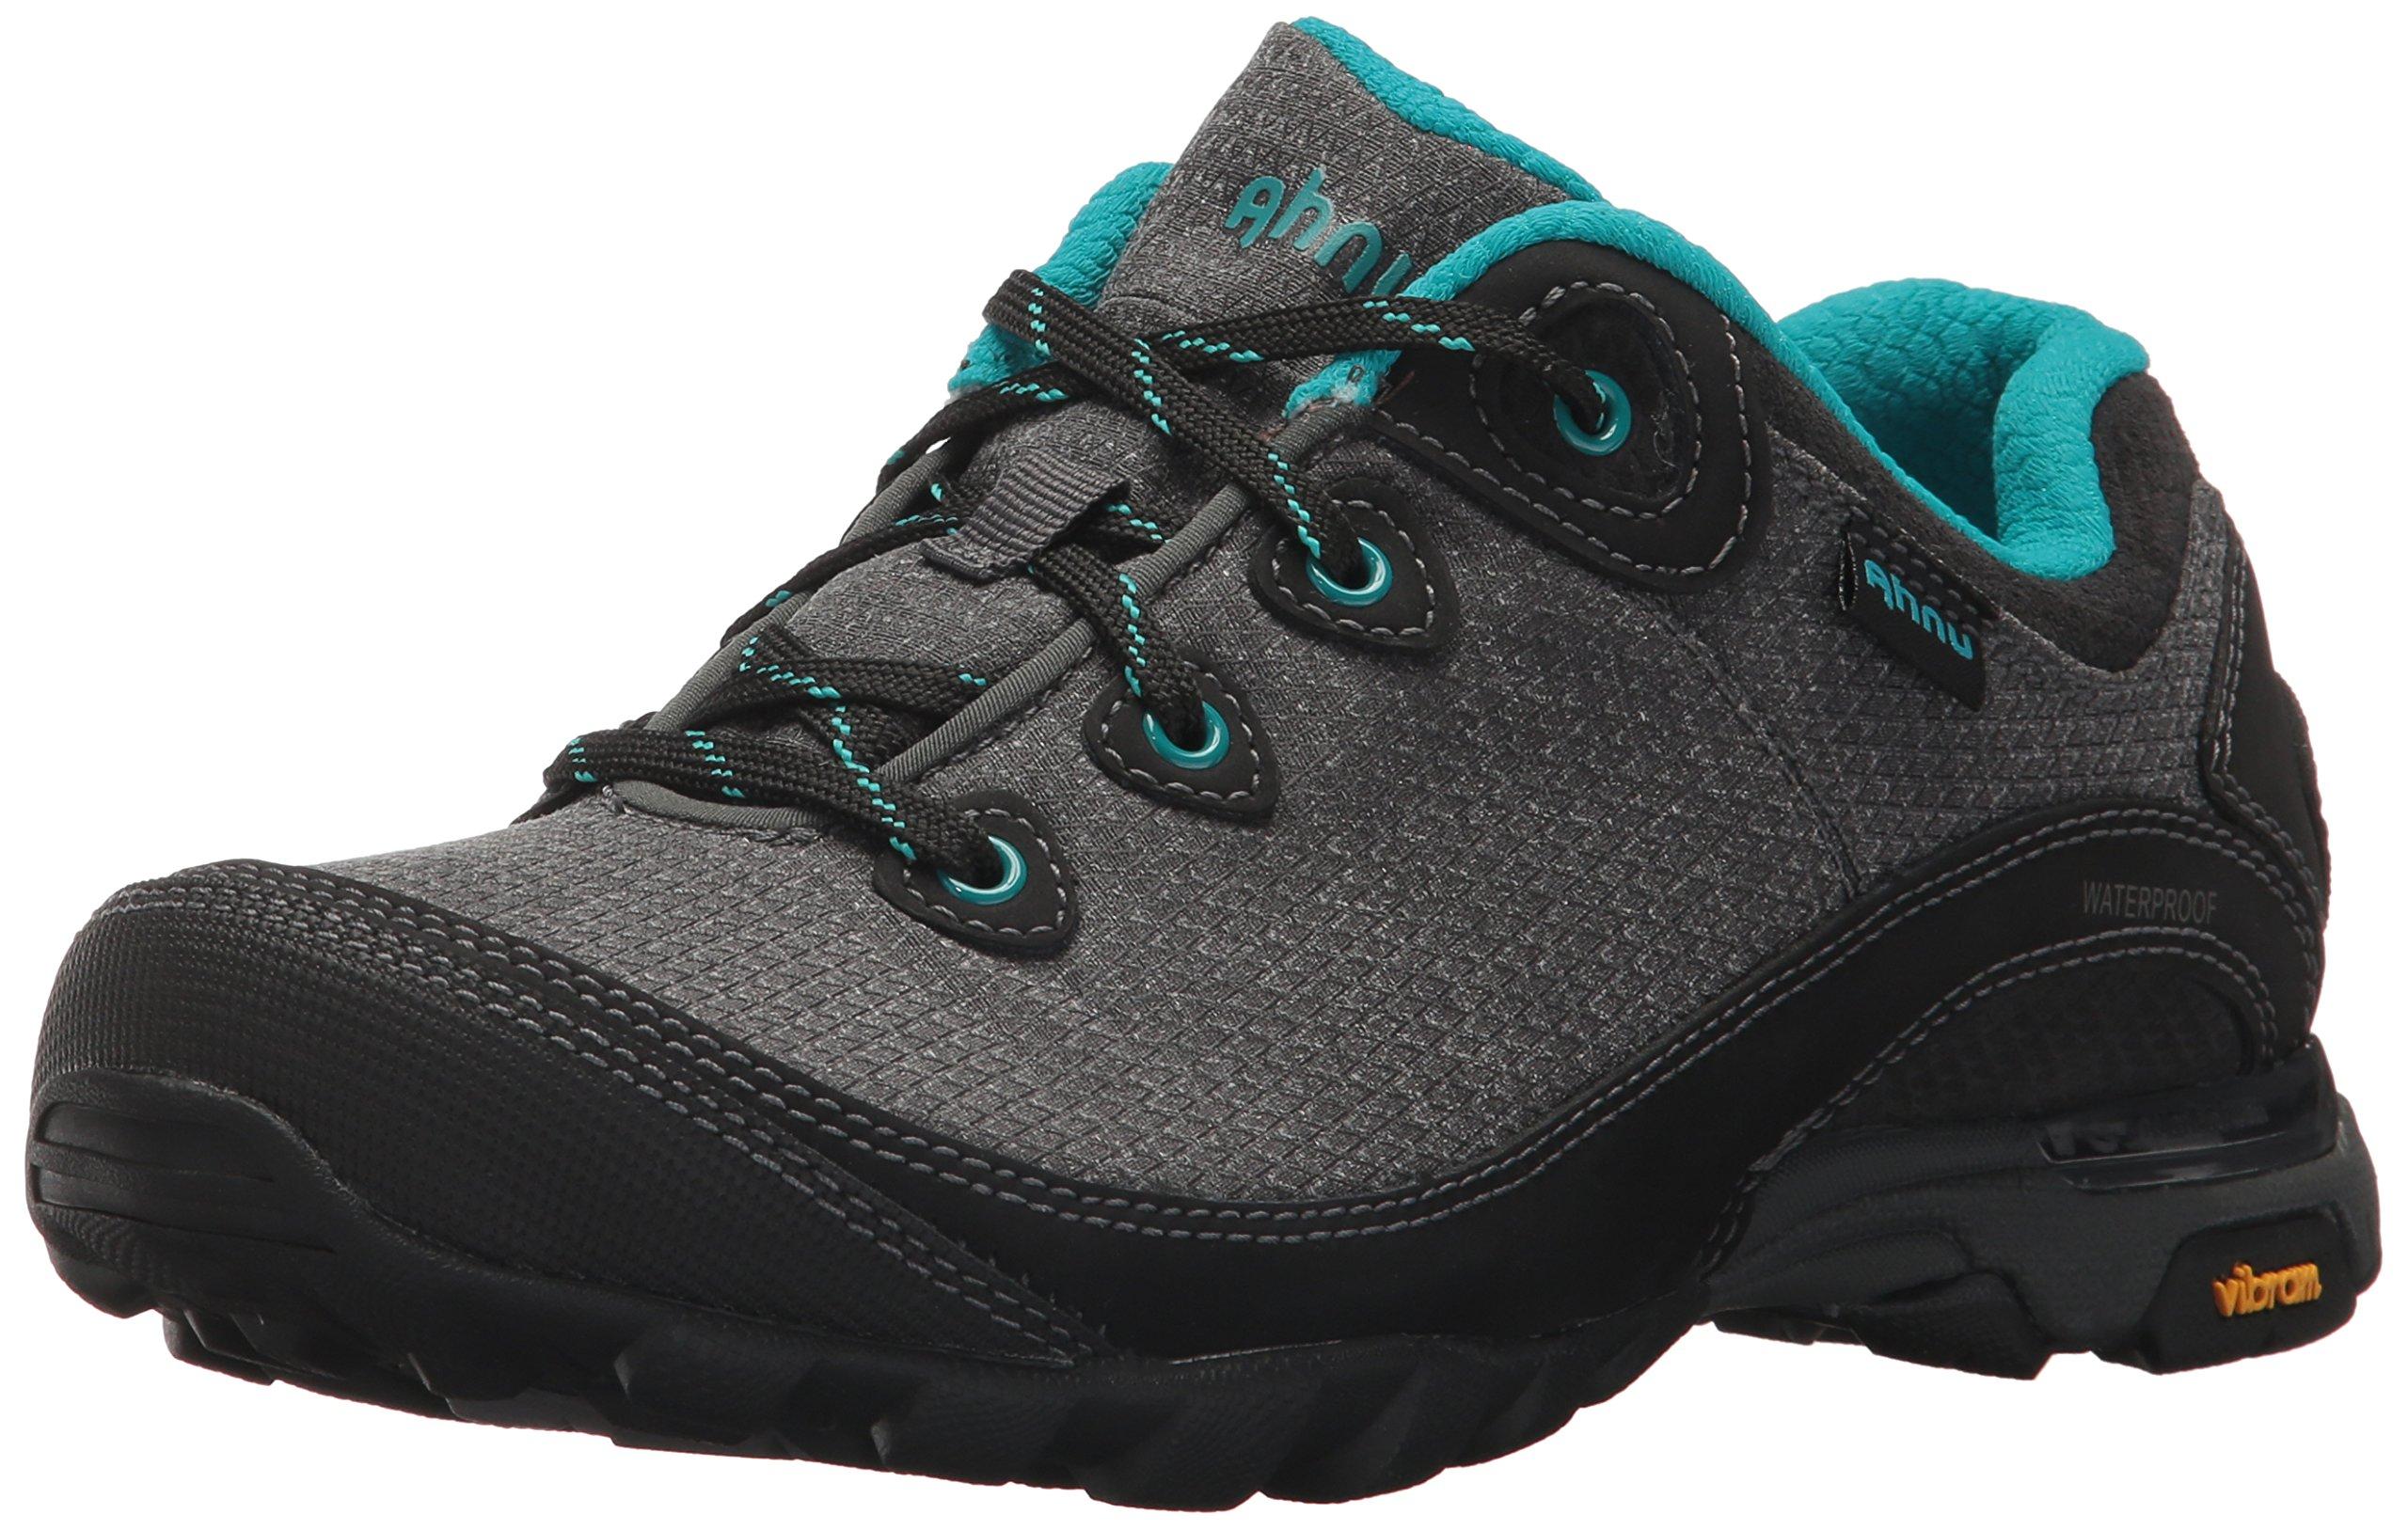 Ahnu Women's W Sugarpine II Waterproof Hiking Boot, Black, 8 Medium US by Ahnu